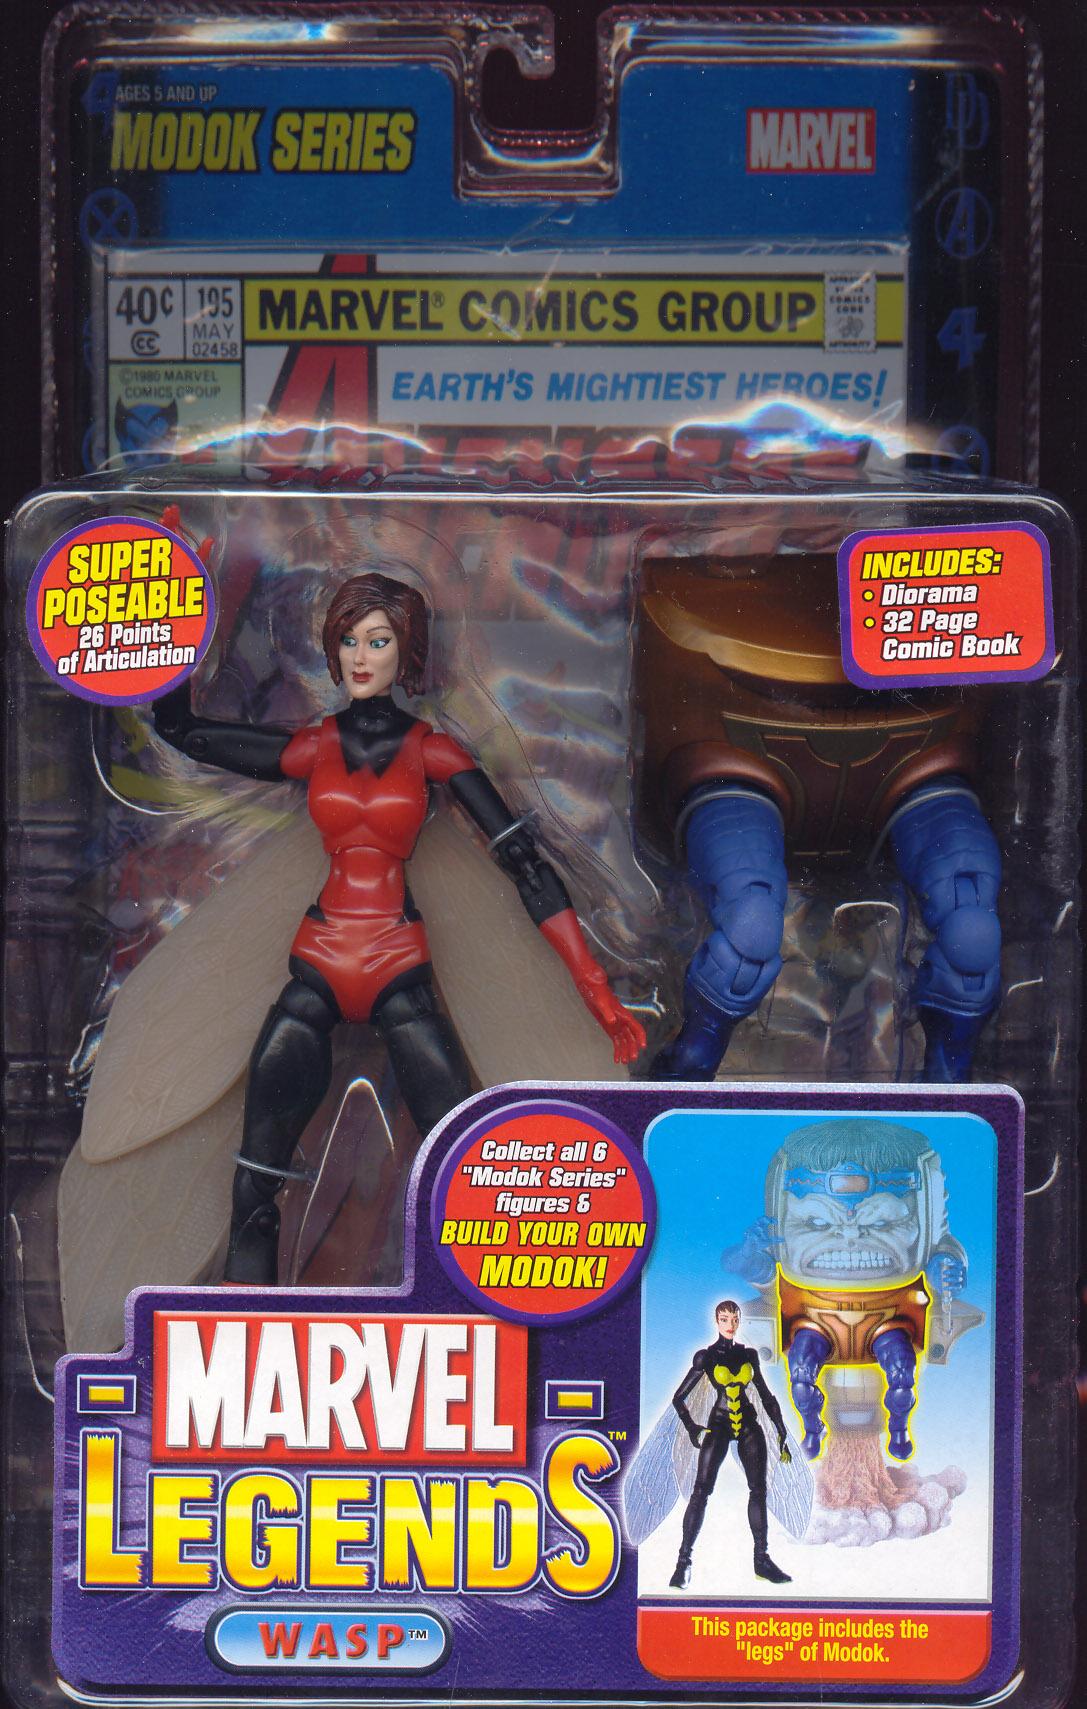 Wasp Marvel Legends Red Variant Modok Series Action Figure